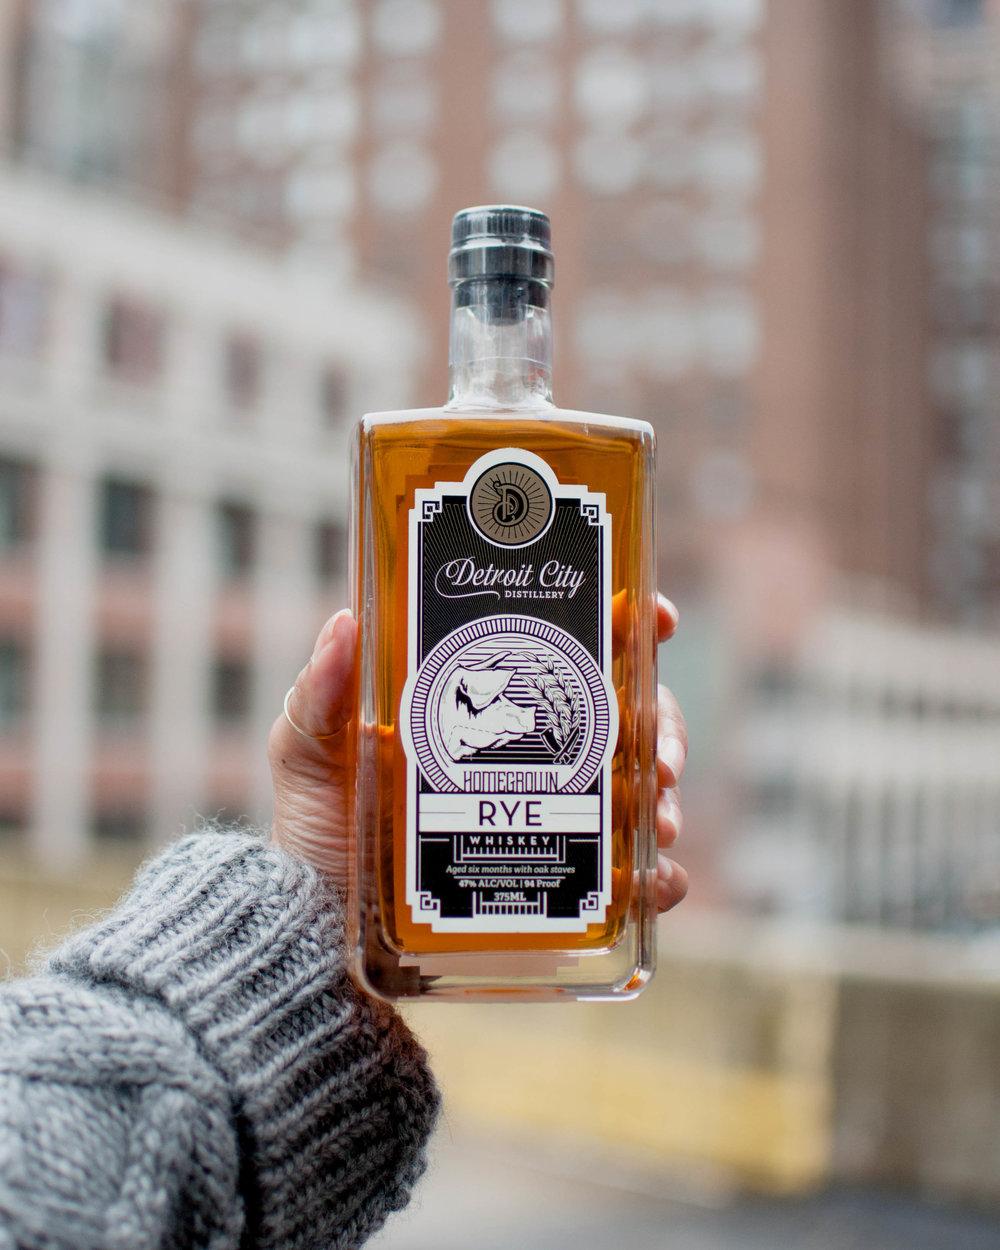 dcd+bottle-1.jpg